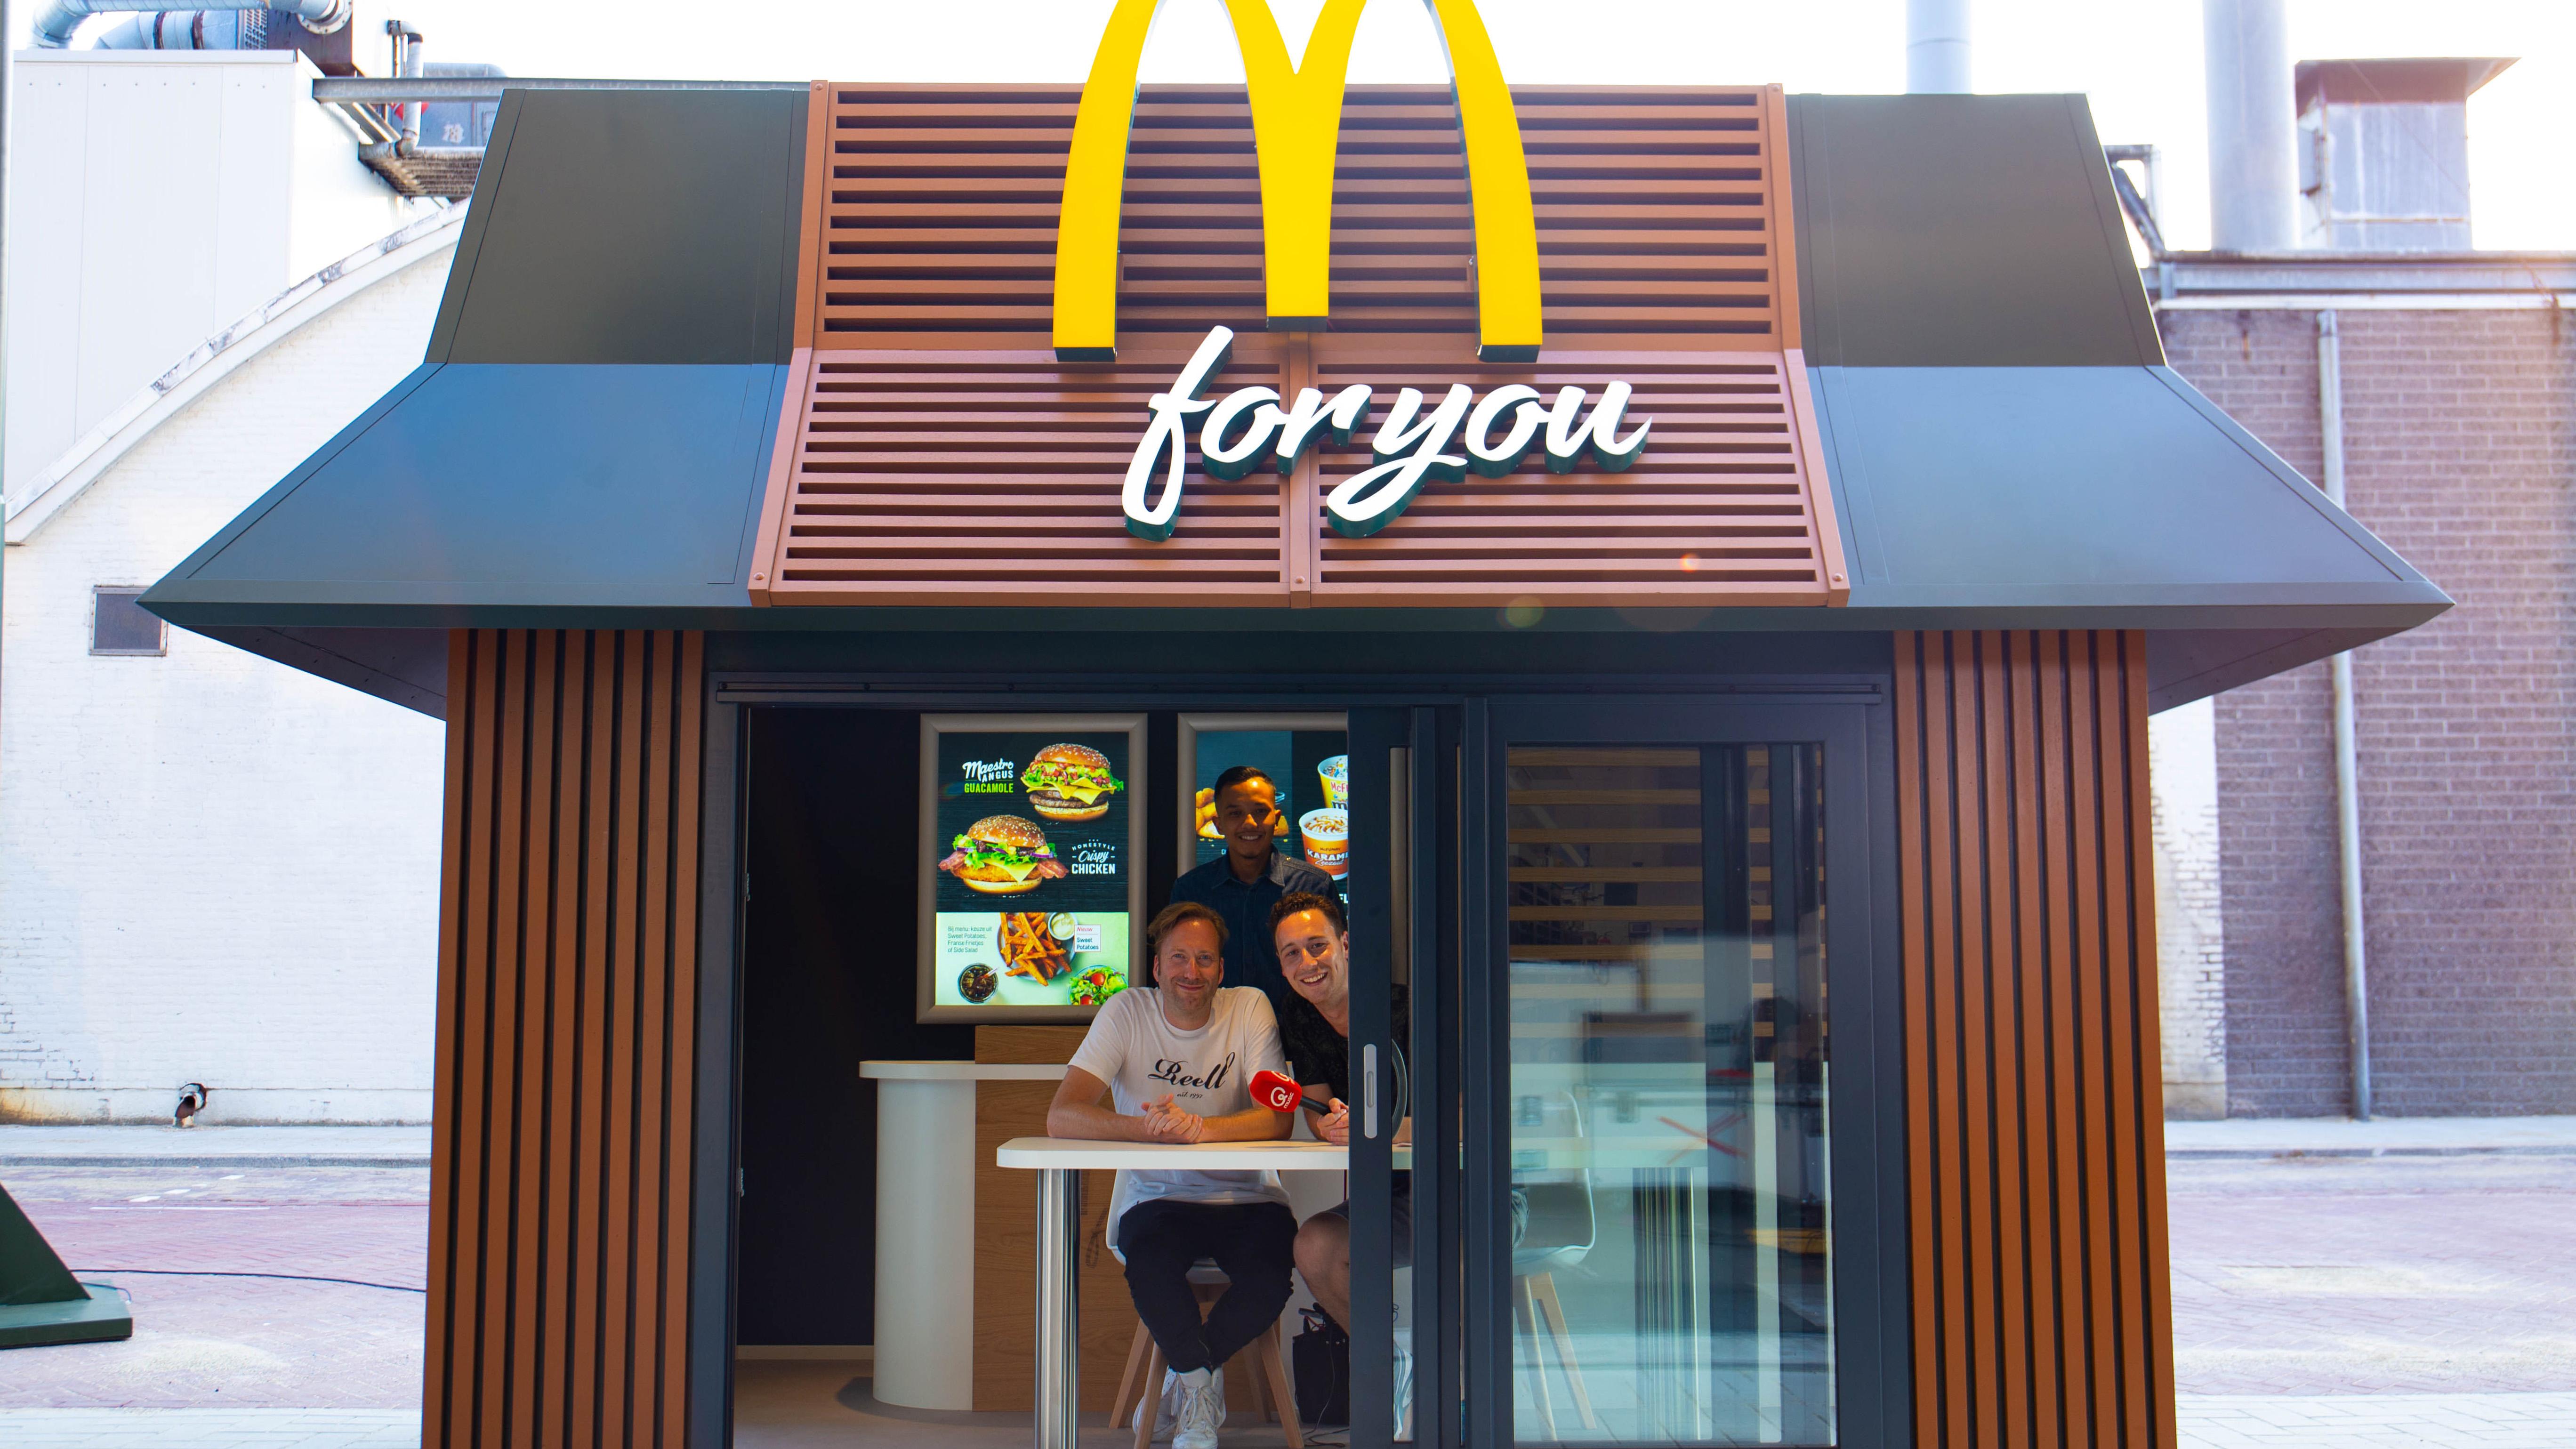 01voorrestaurant